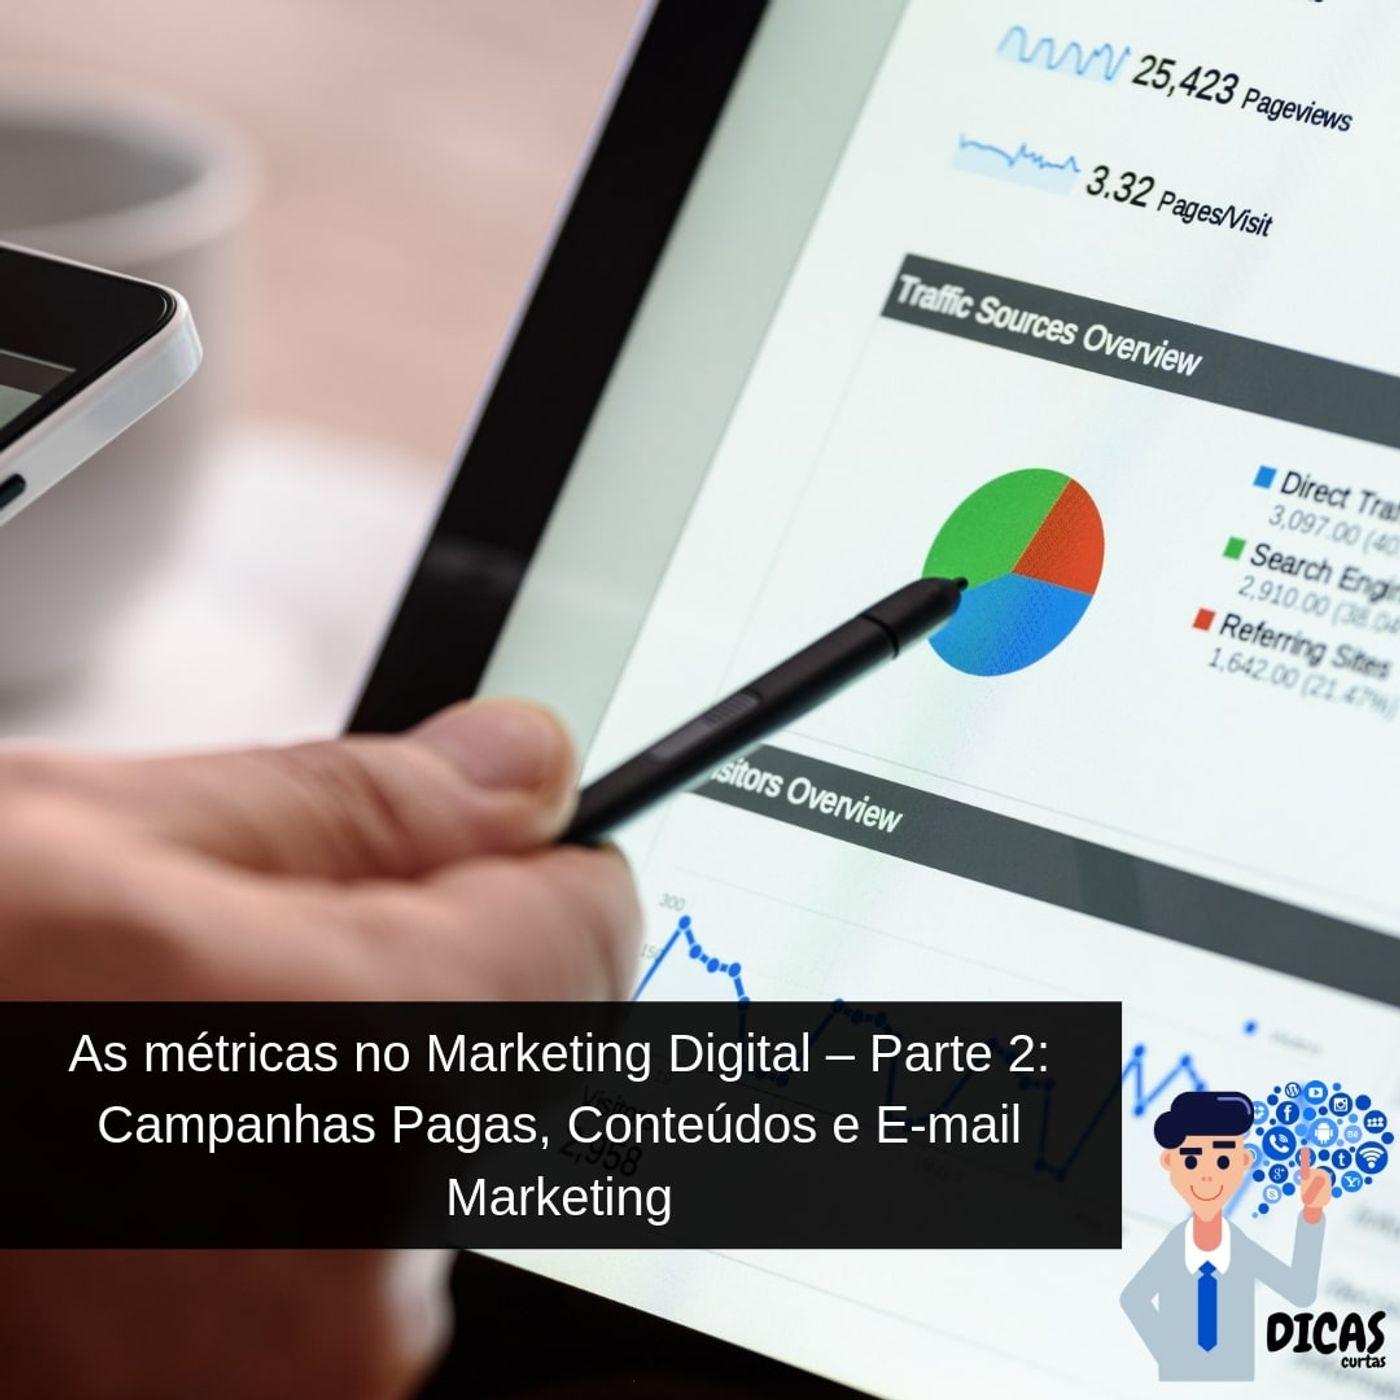 071 As métricas no Marketing Digital – Parte 2: Campanhas Pagas, Conteúdos e E-mail Marketing